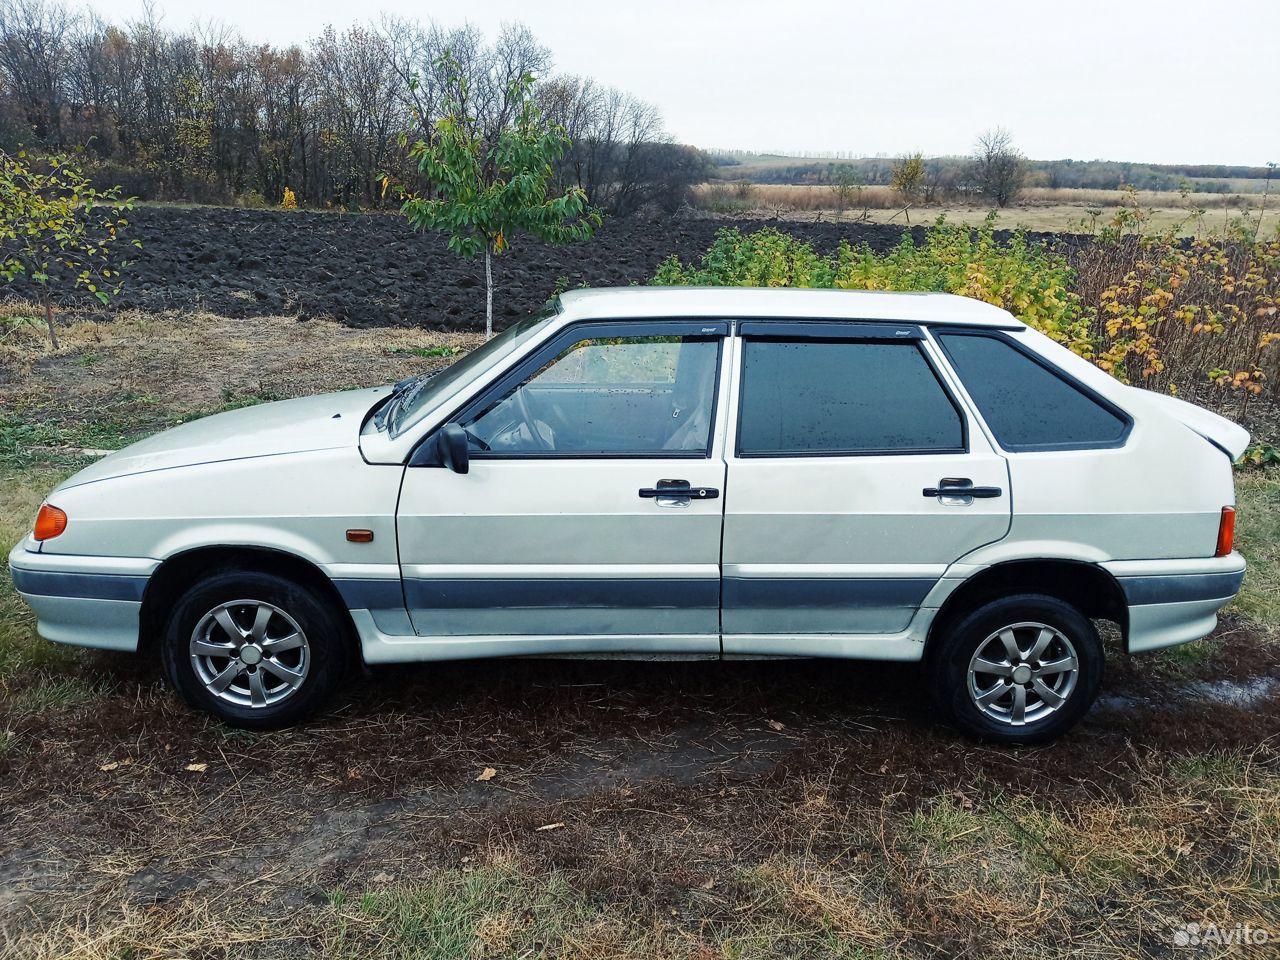 ВАЗ 2114 Samara, 2005 89606293508 купить 1